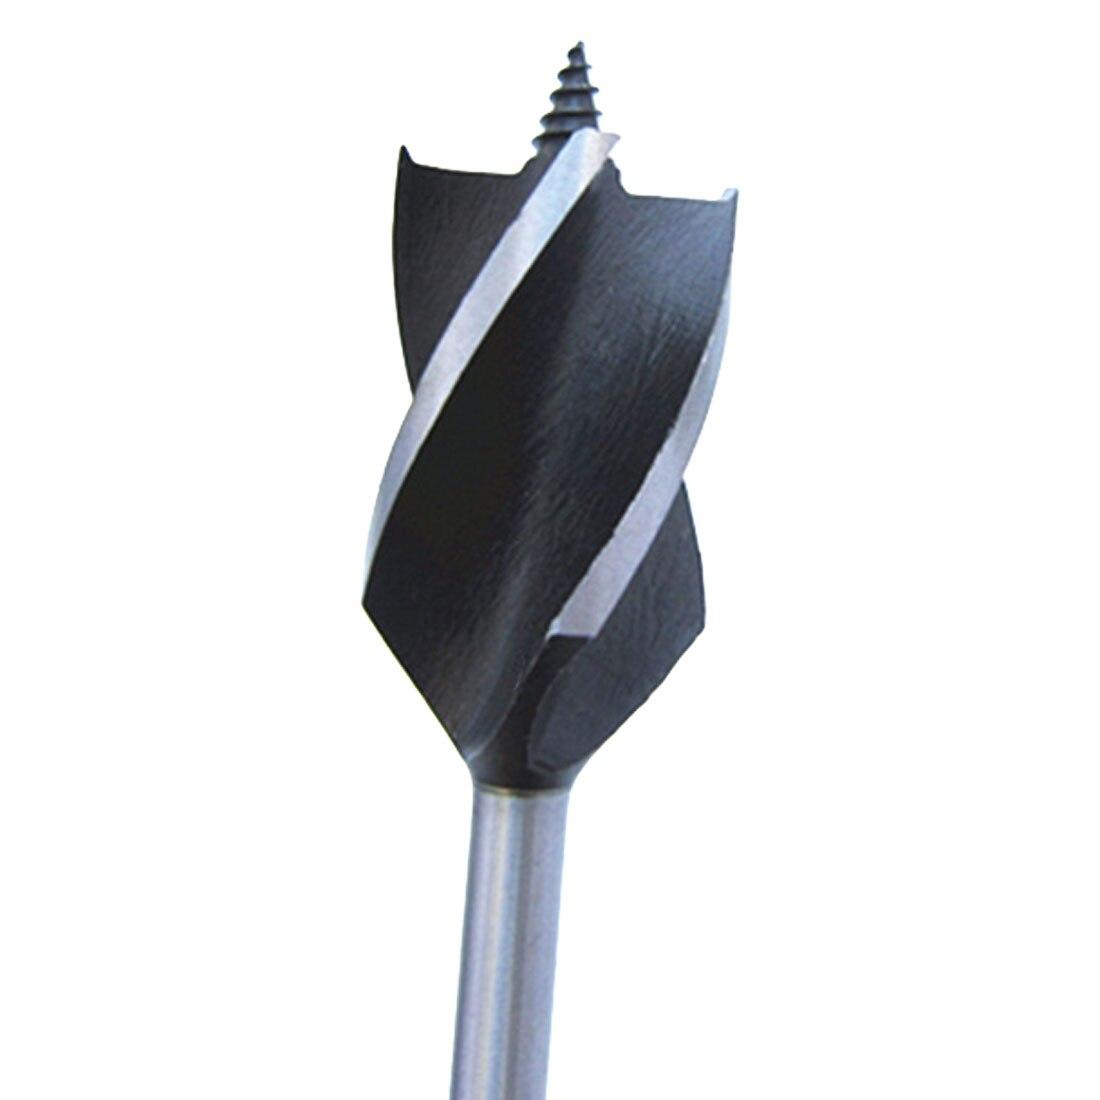 Madera corte broca 4 ranuras 4 bordes giro/10/12/16/18/20/22/25mm broca conjunto de madera de corte rápido Auger carpintero herramienta de carpintero